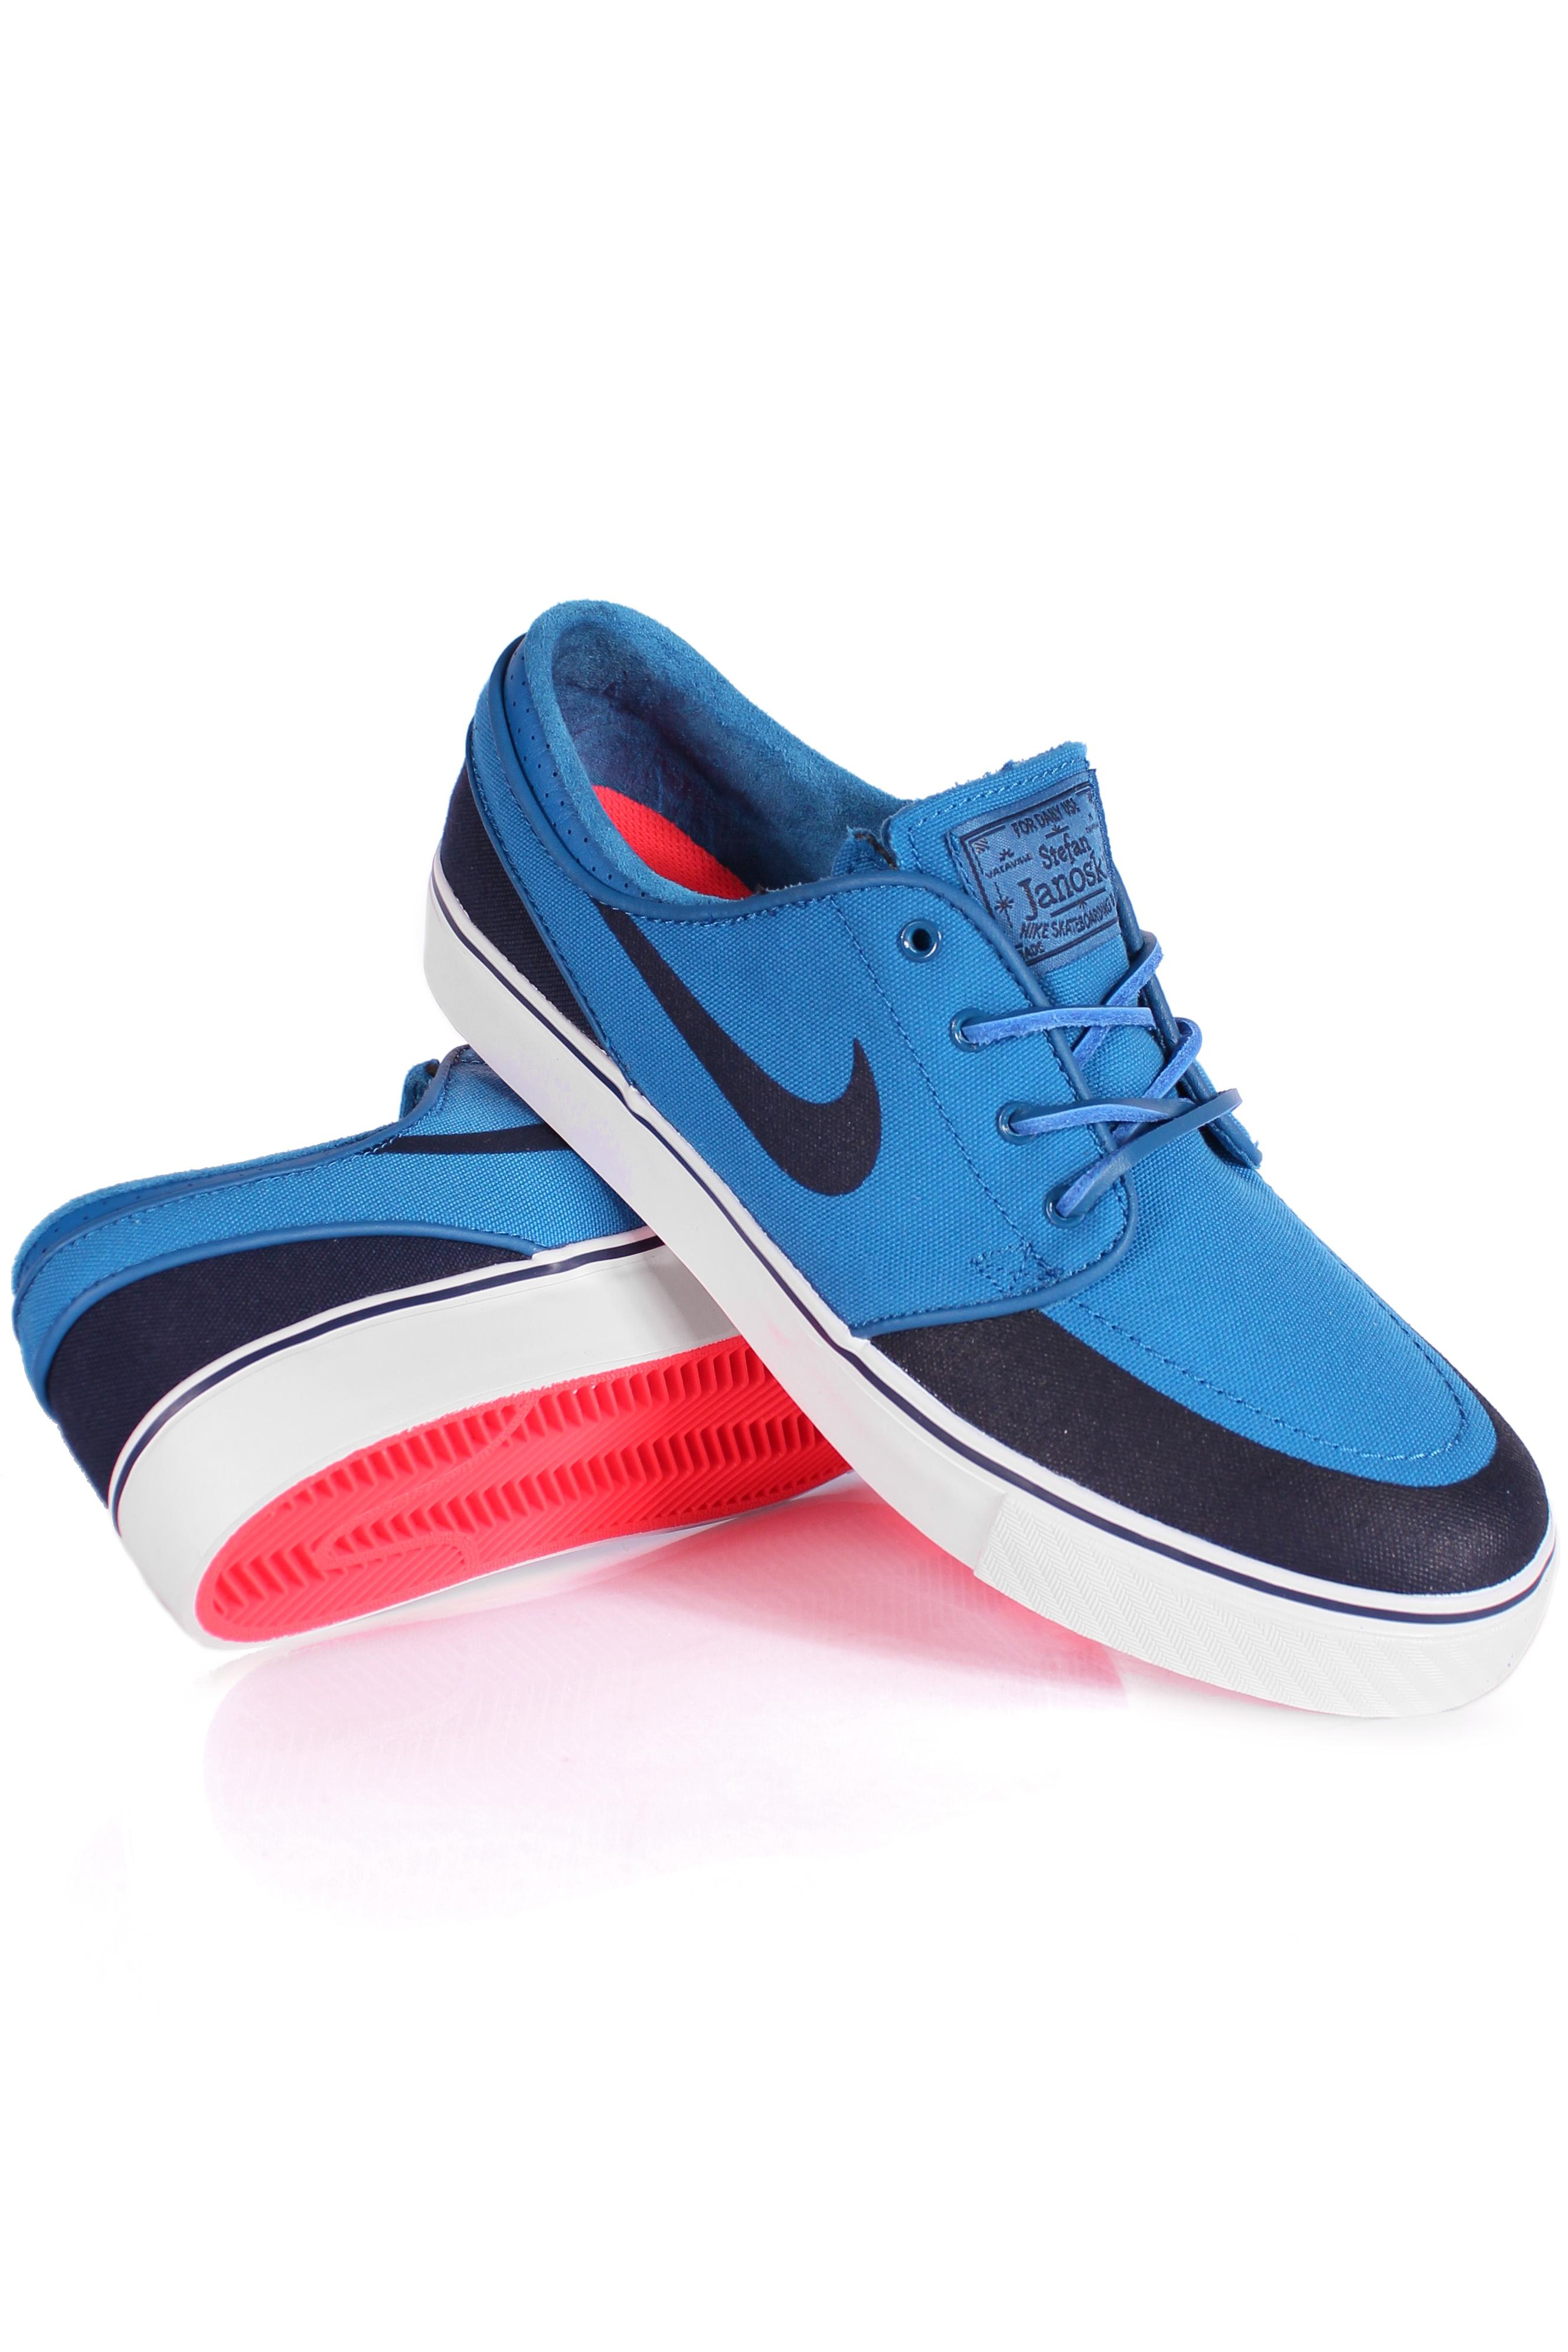 Buty Nike Sb Stefan Janoski Low Pr Se (Military Blue/Obsidian-white)